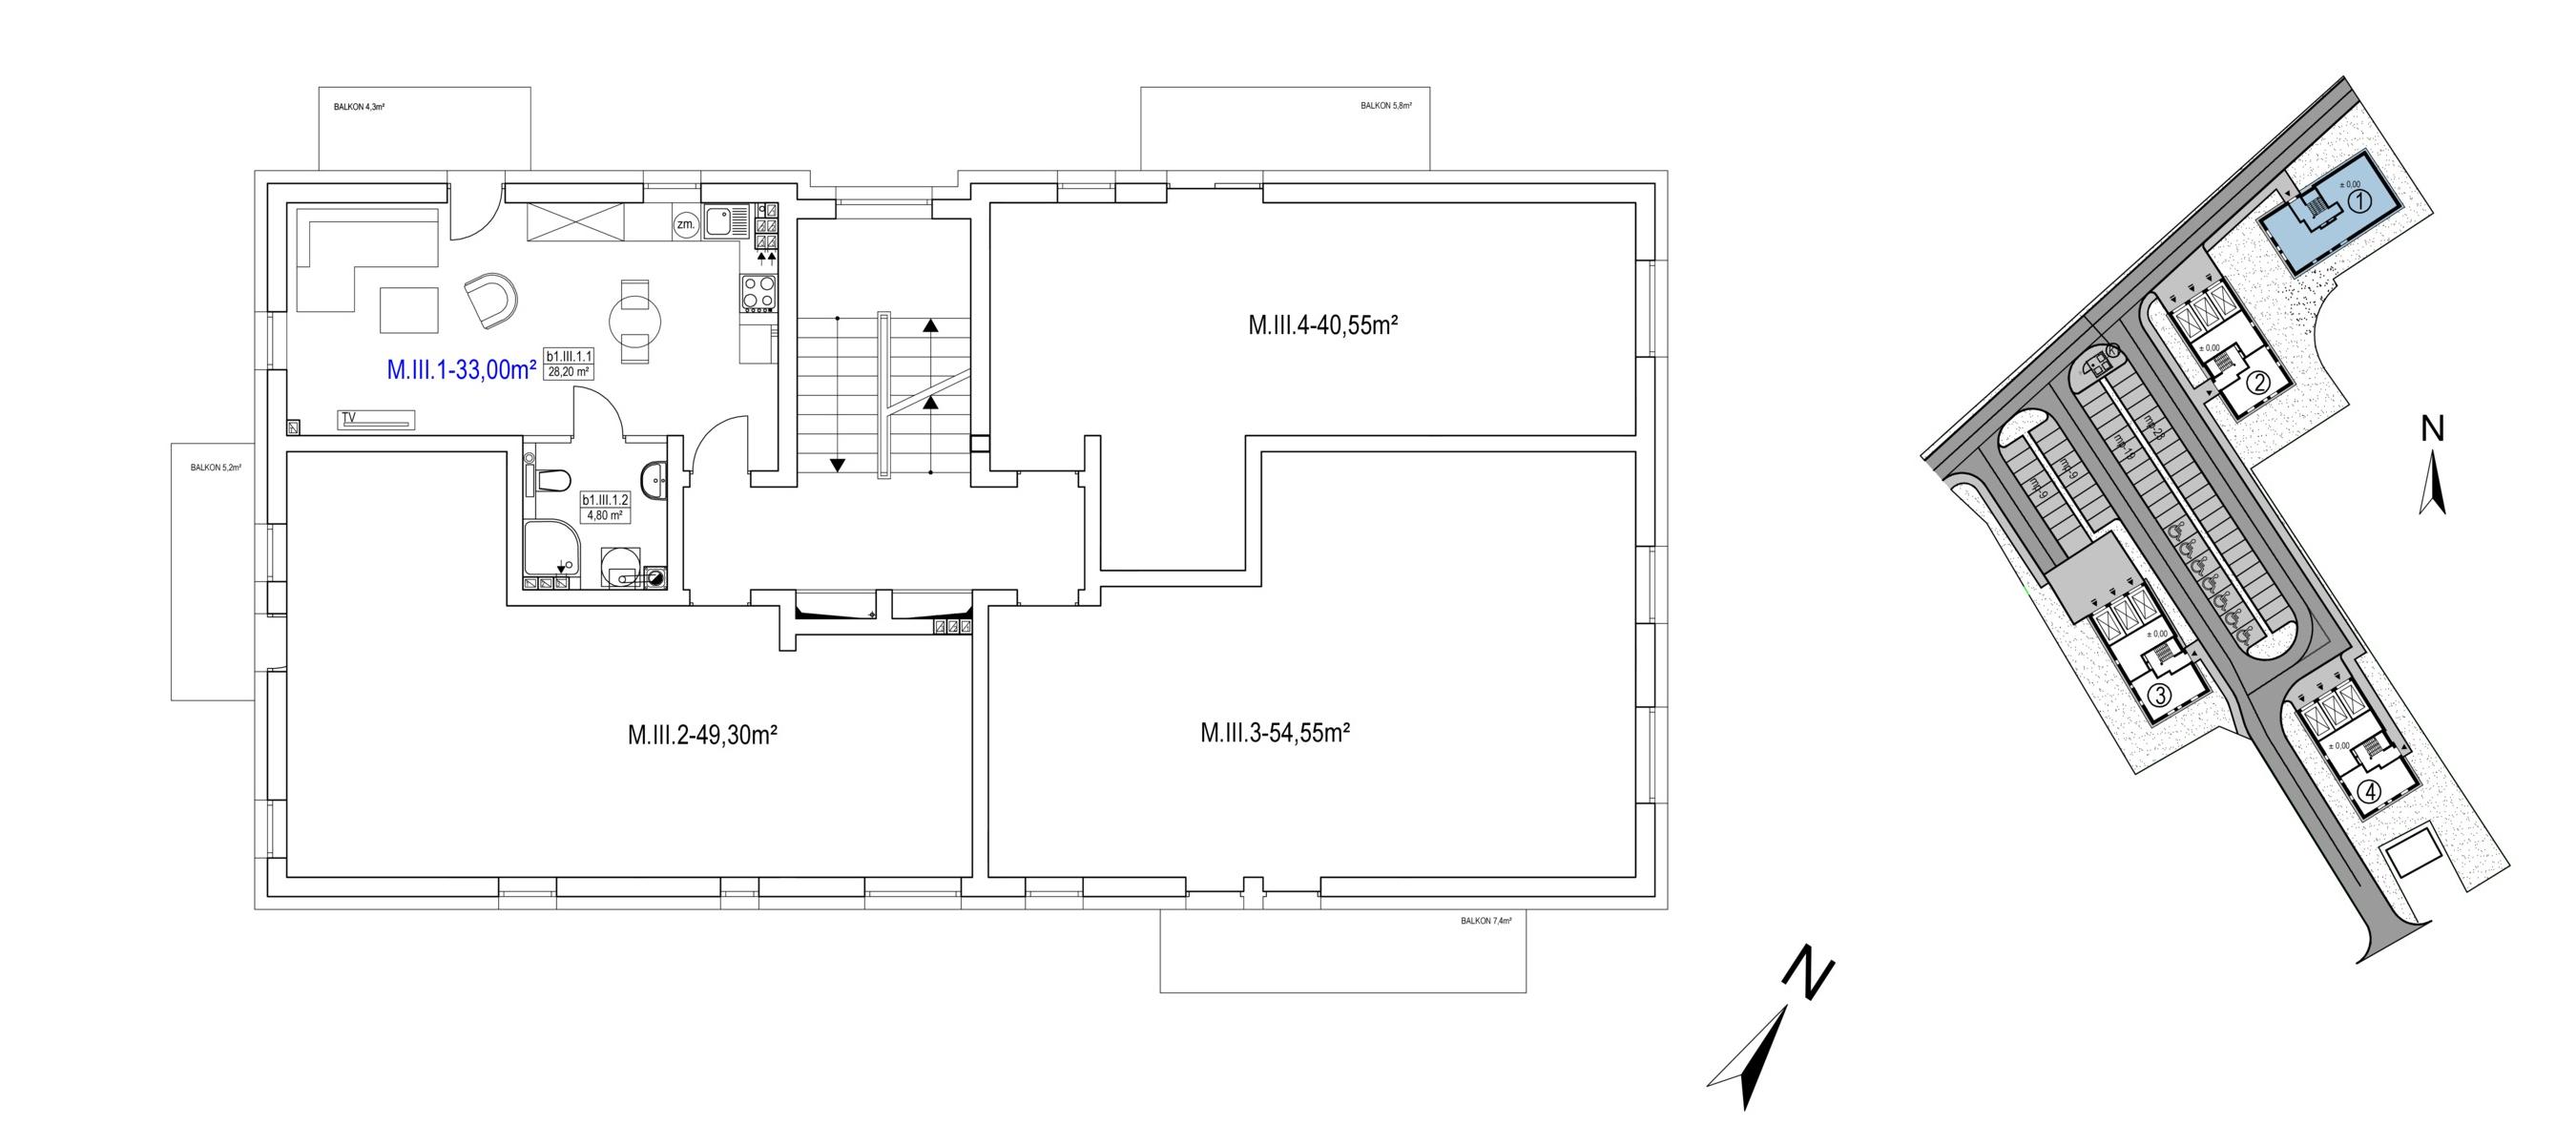 /assets/img/flats/B1.M.III.1.jpg